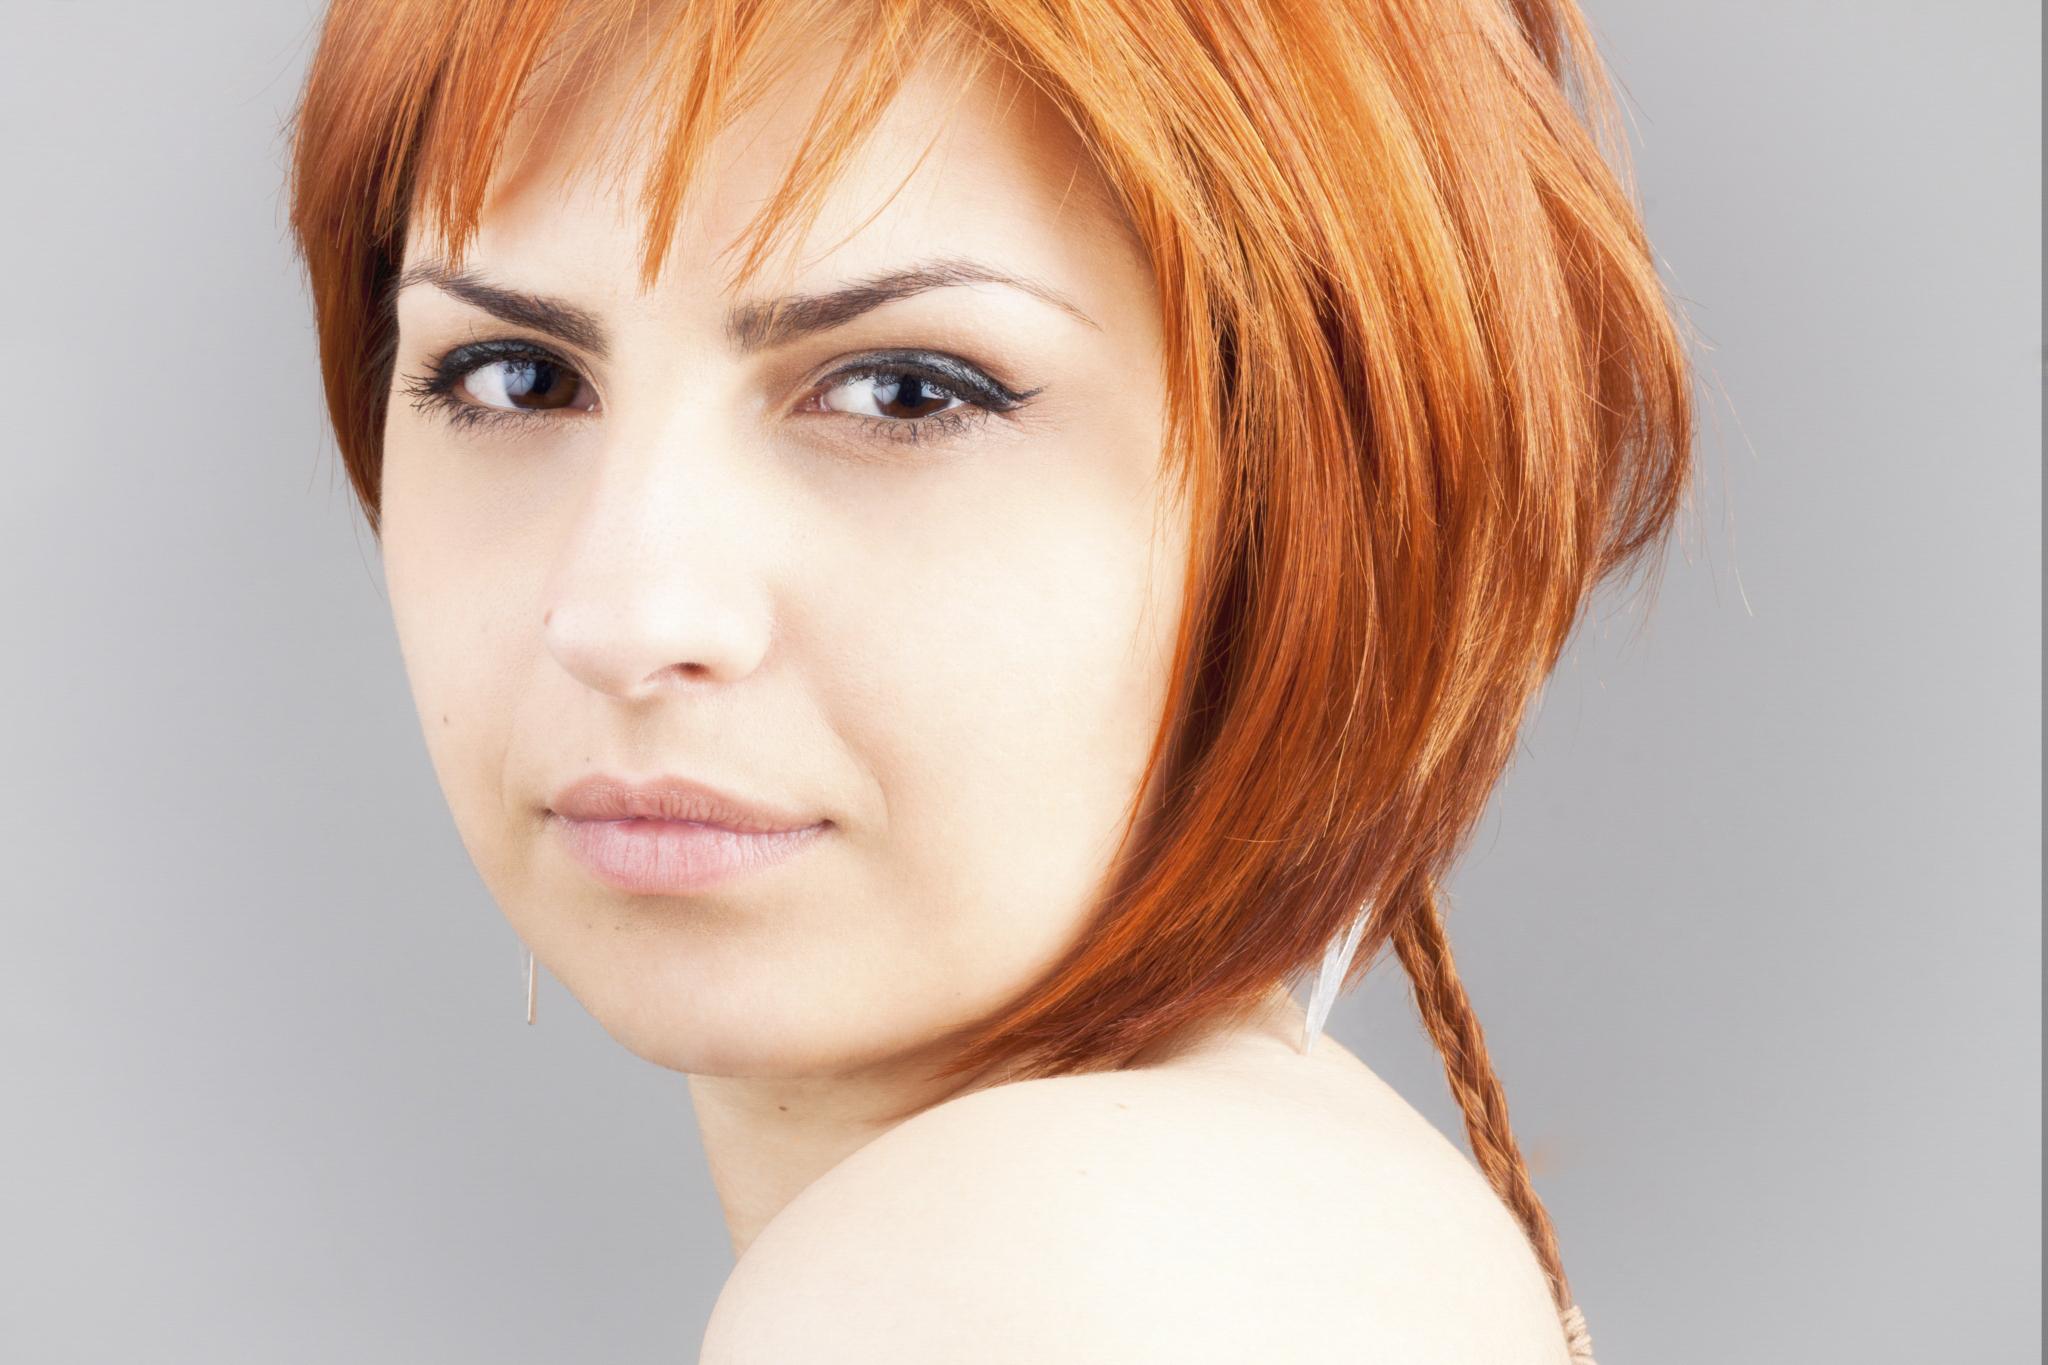 EyeGraf_Portraits_by_Ioana_Mardare - Dana Schrenck